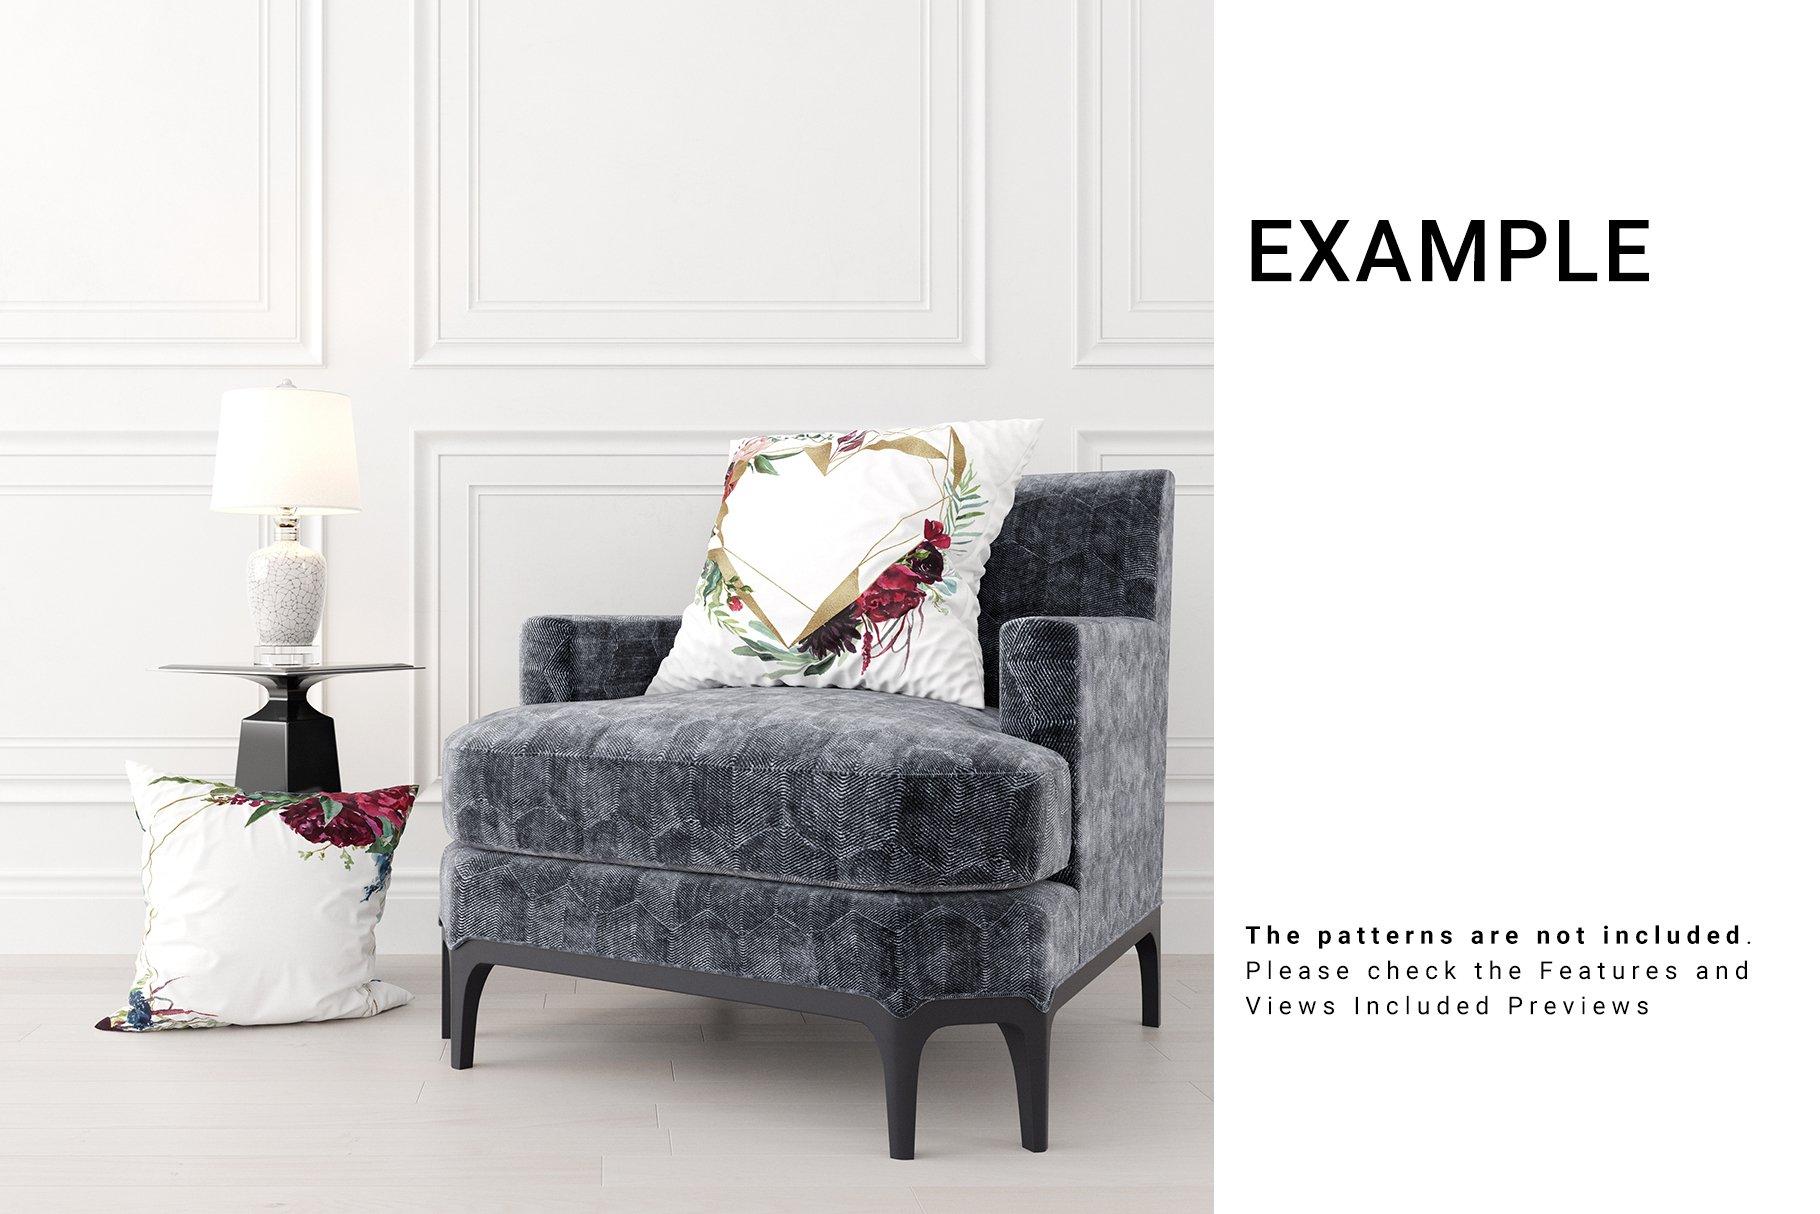 Luxury Interior Throw Pillows Set example image 8